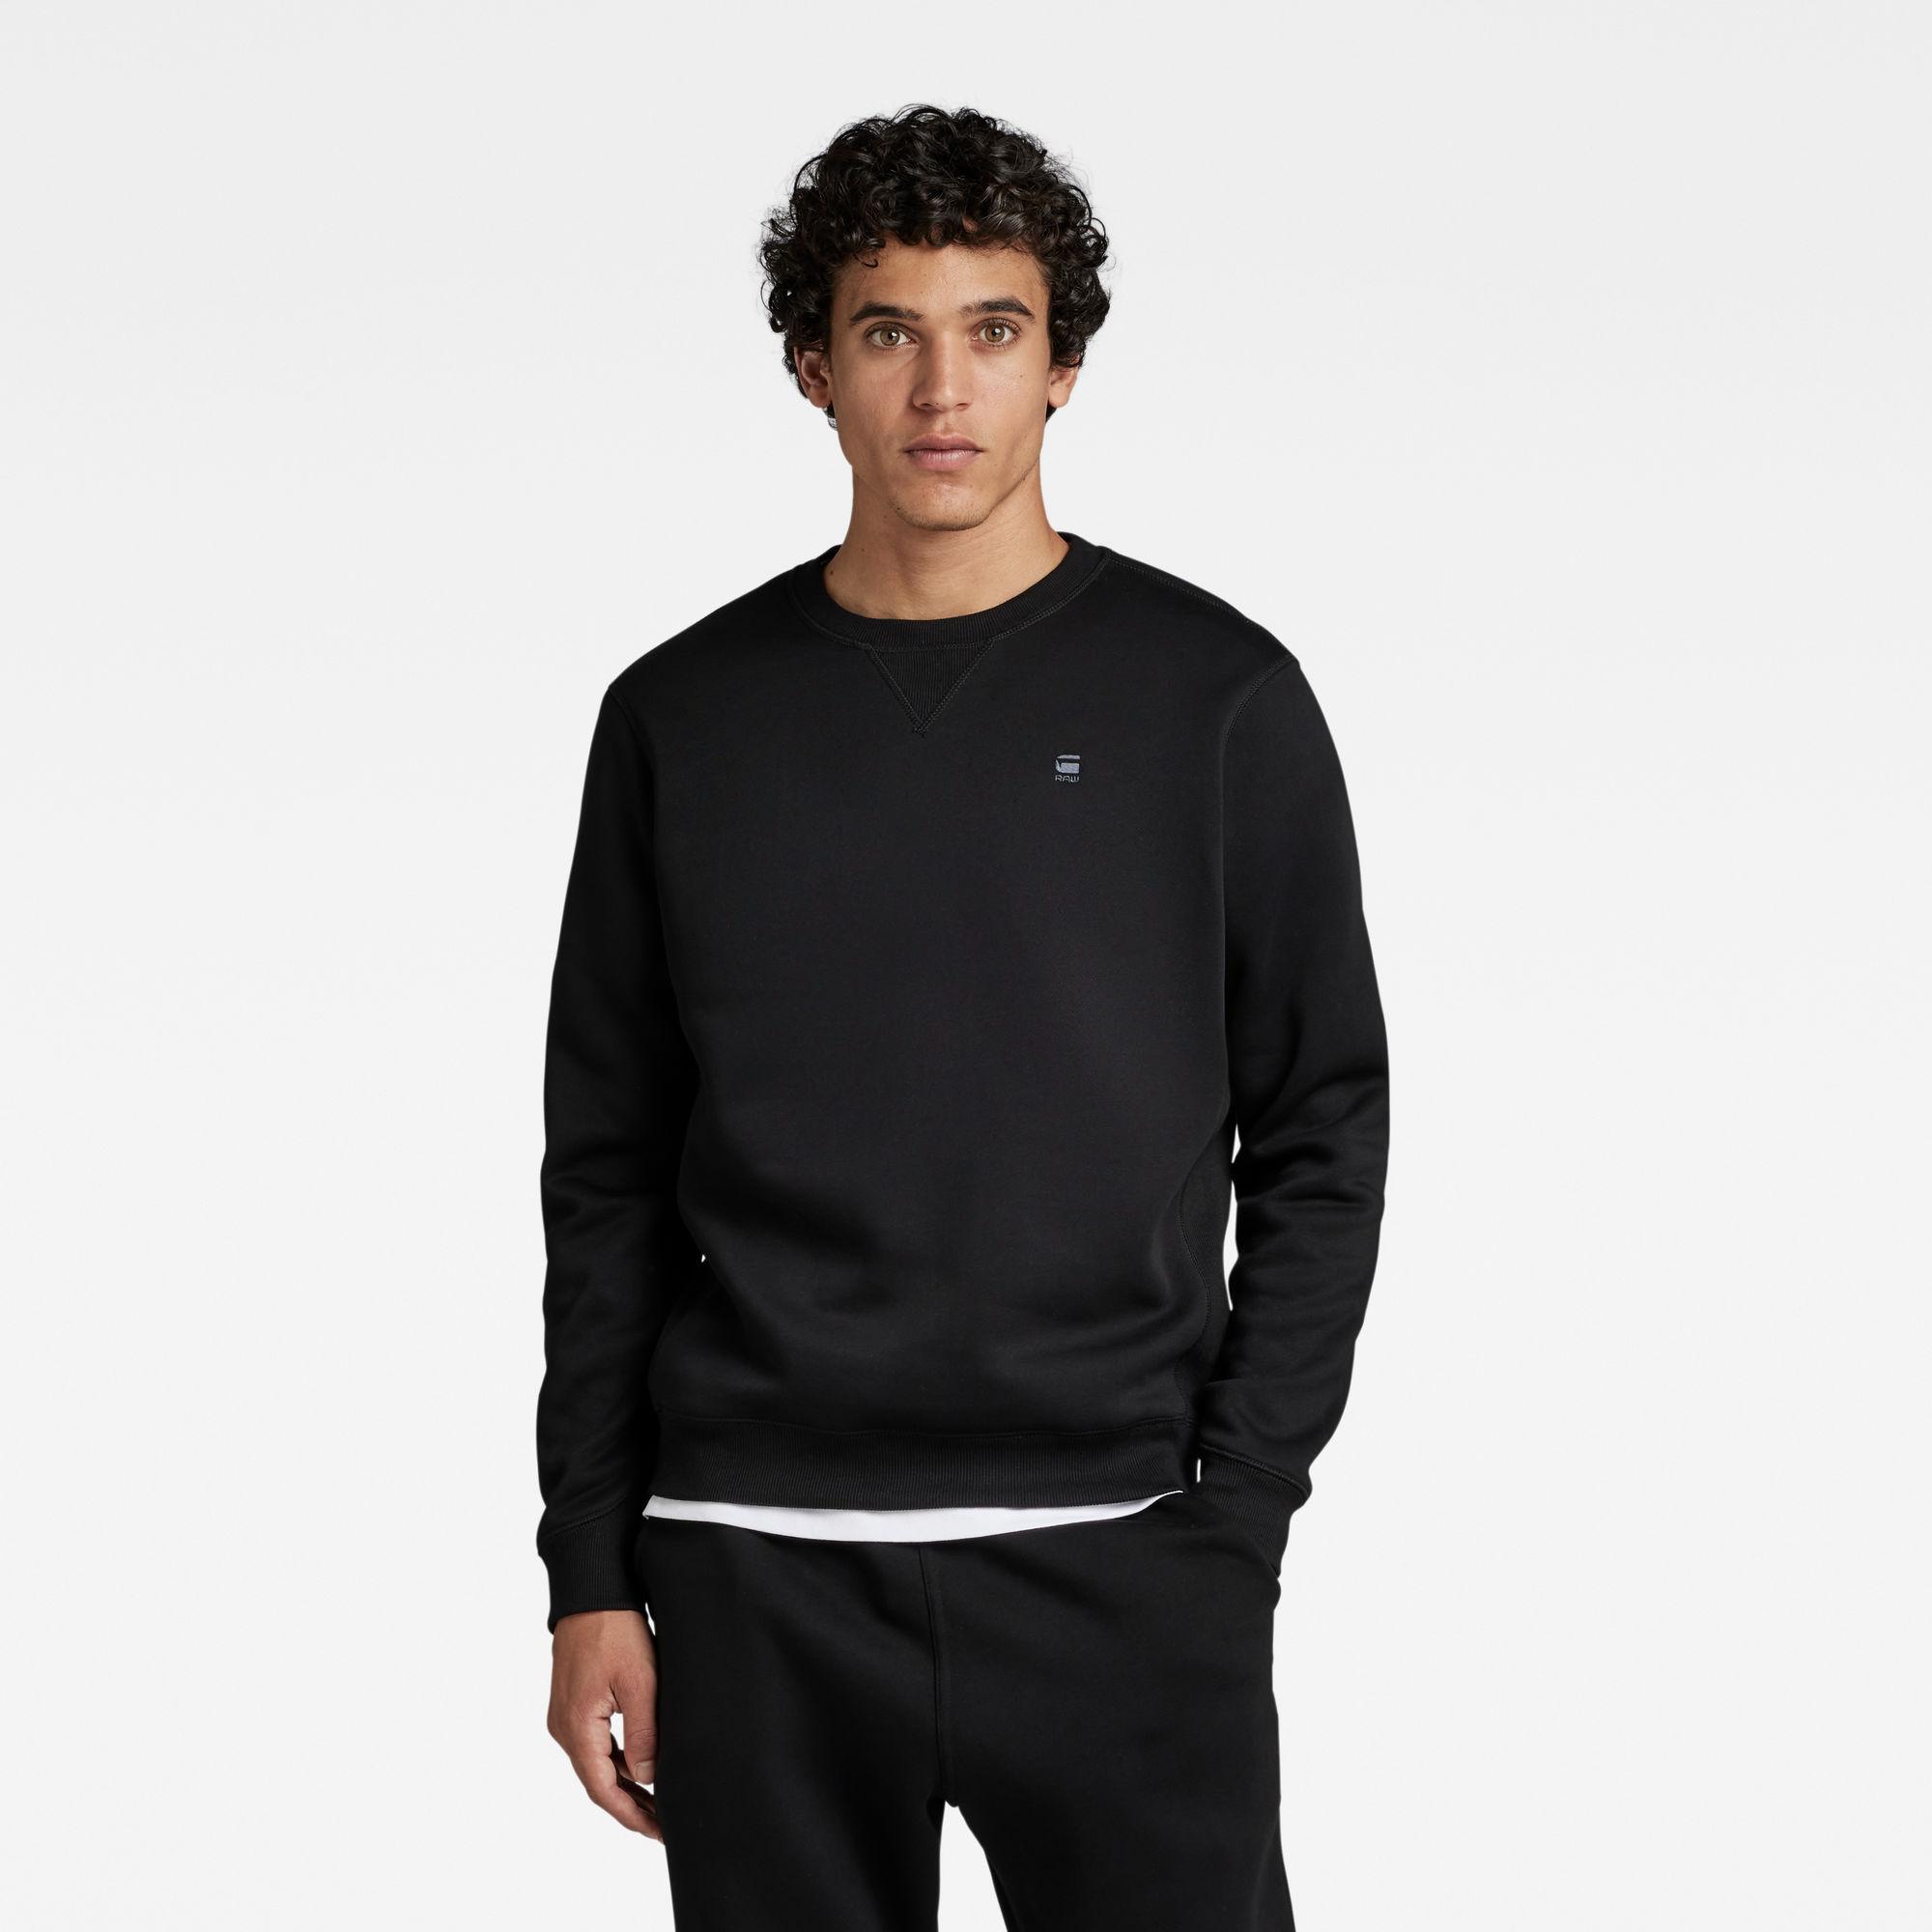 G-Star RAW Heren Premium Core Sweater Zwart